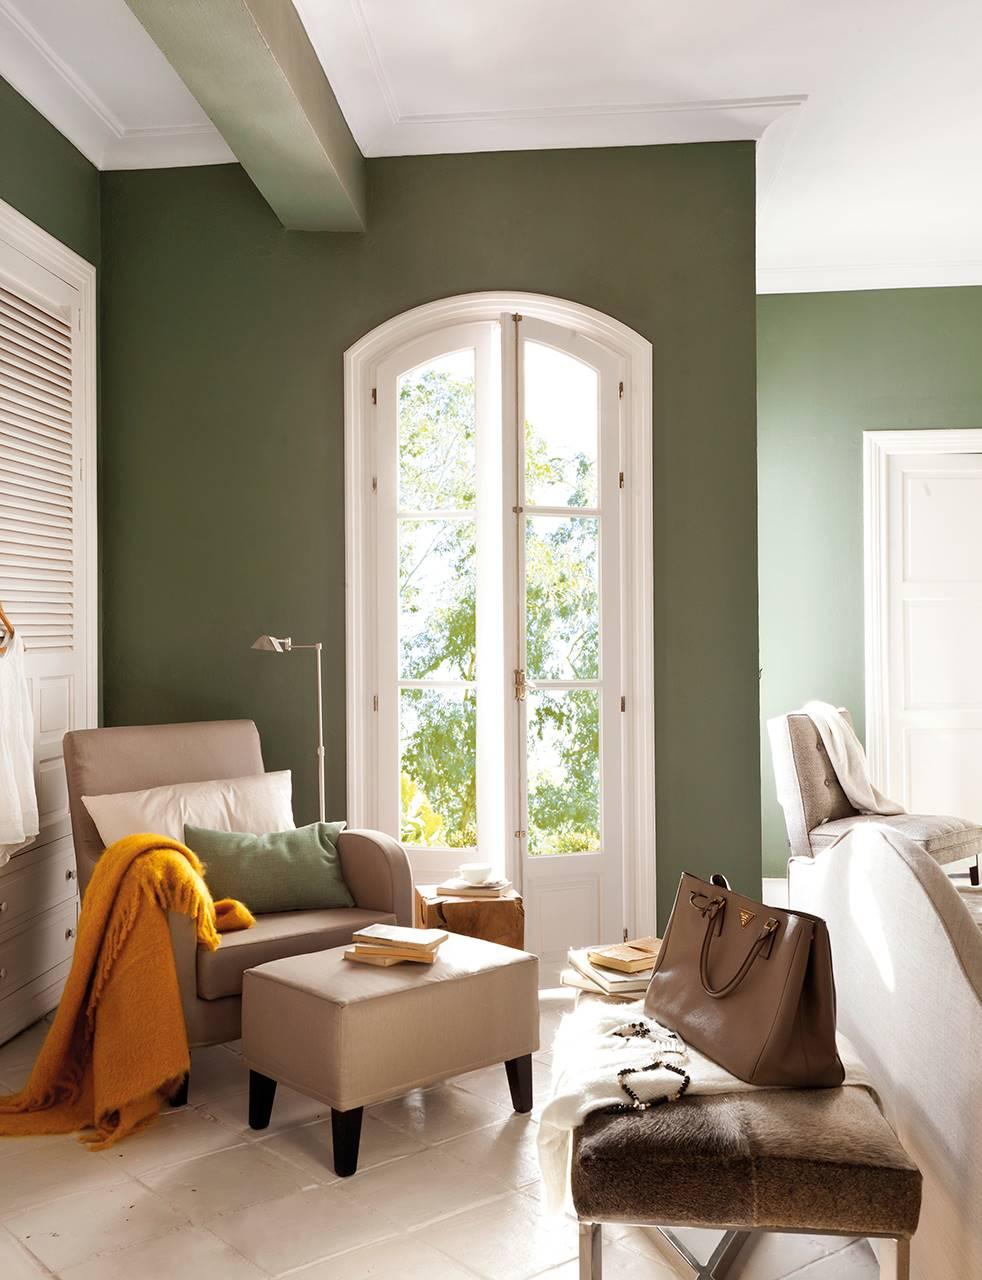 Dormitorio con zona de lectura y paredes en verde oliva. Un suave y delicado verde oliva